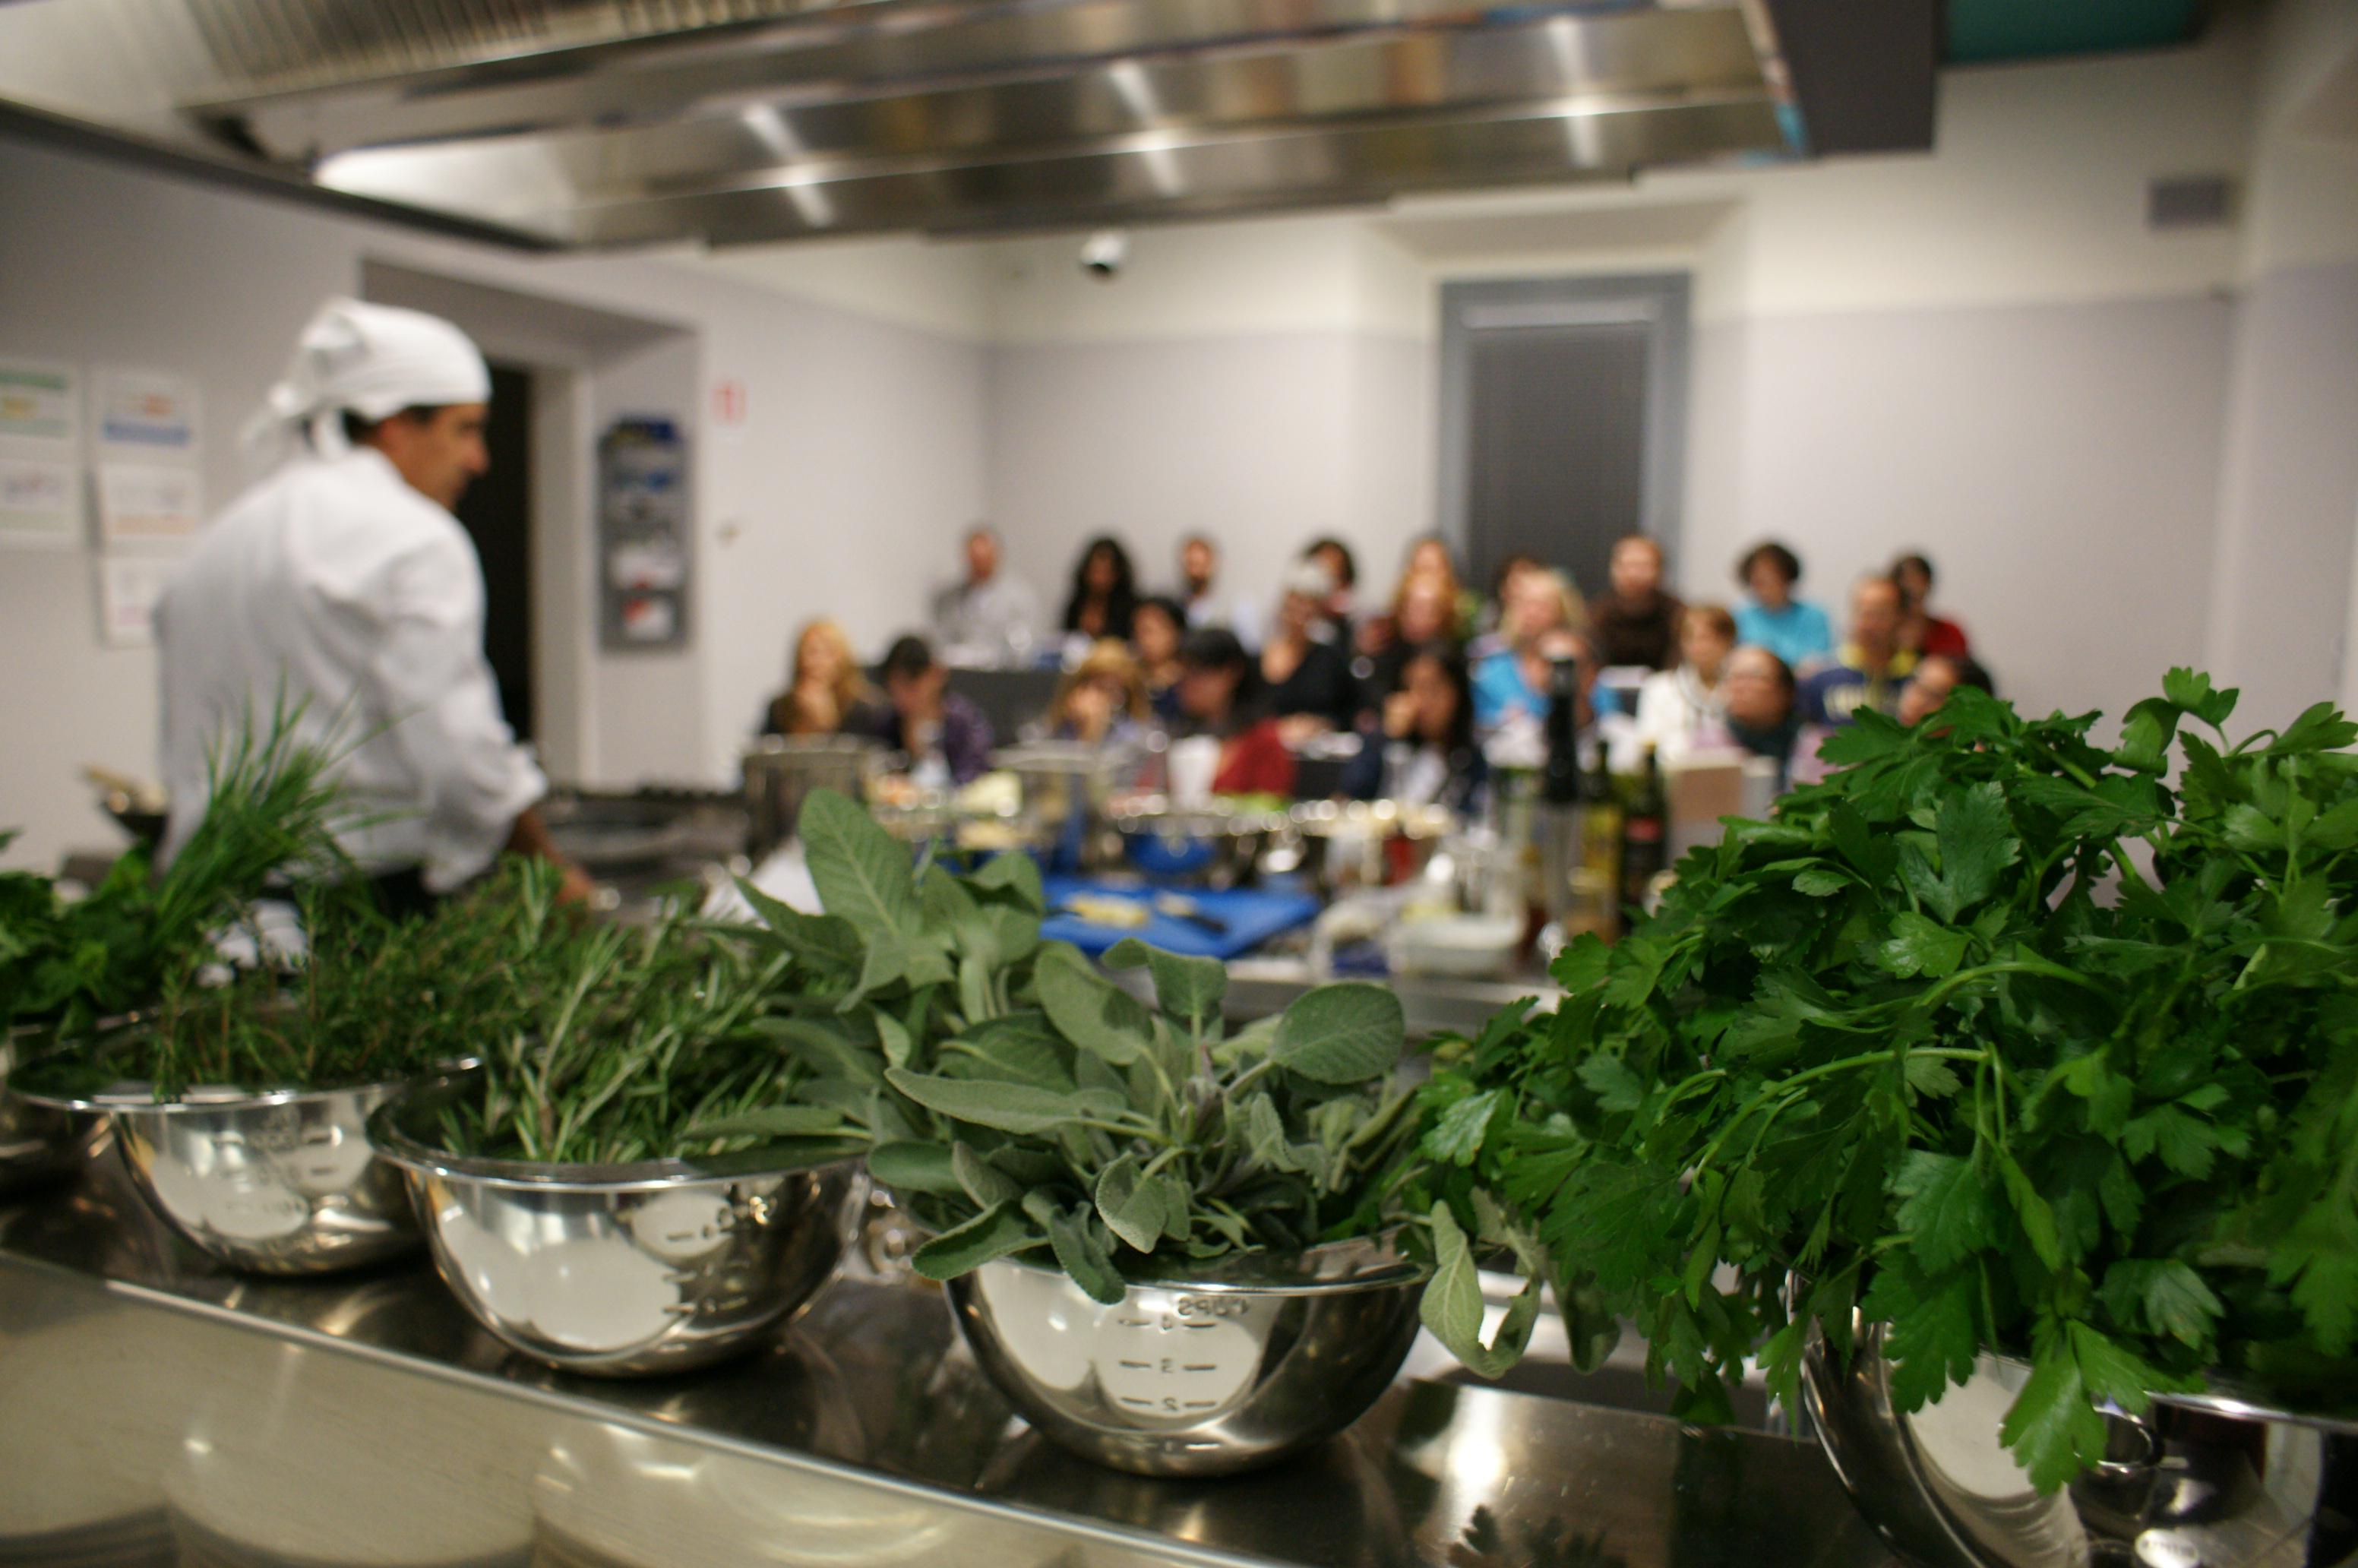 Cucina didattica for Strumenti di cucina